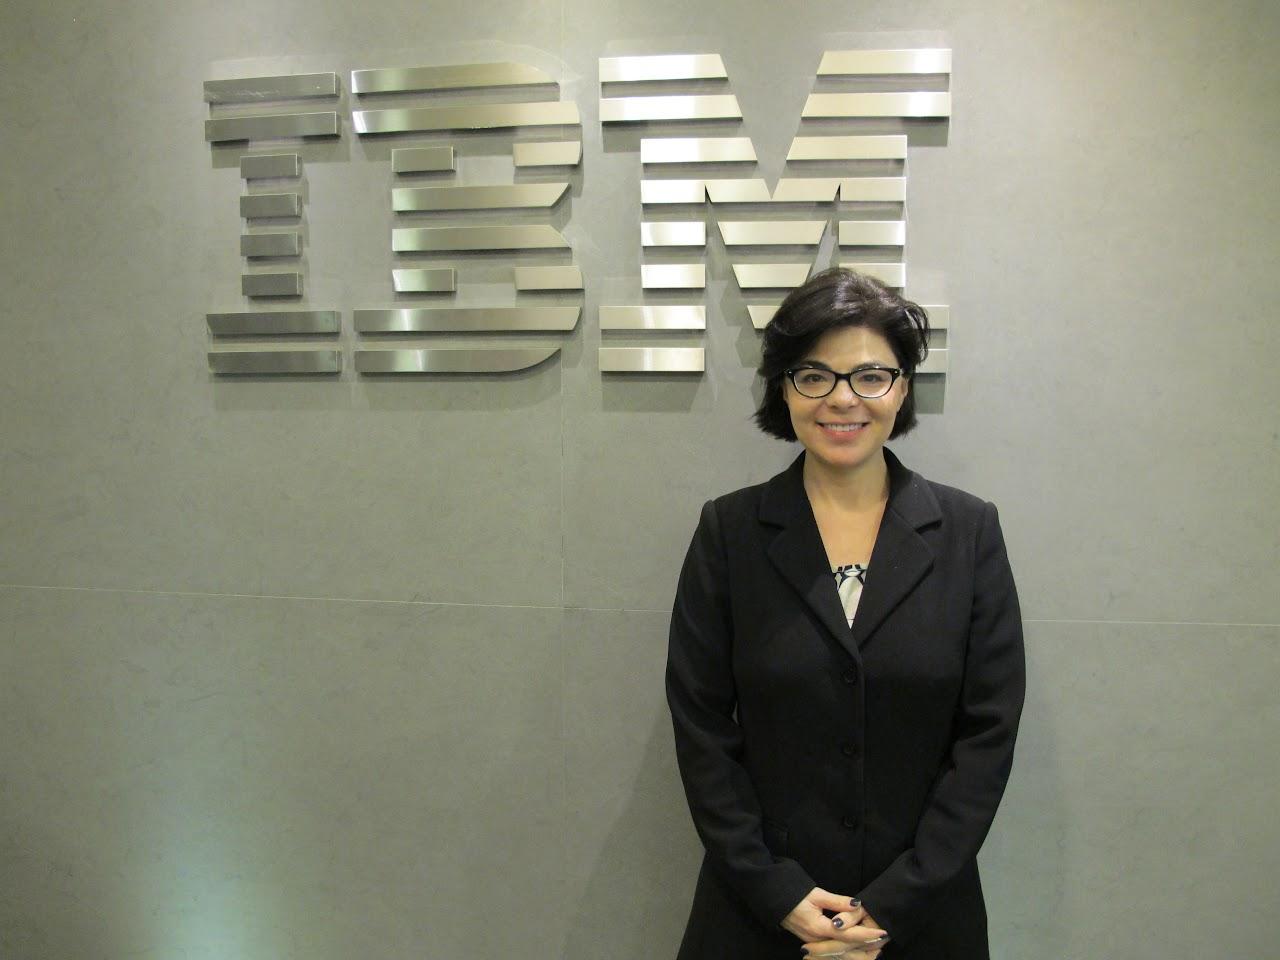 [專訪] IBM資安總顧問看物聯網資安:最大風險是危及人身安全